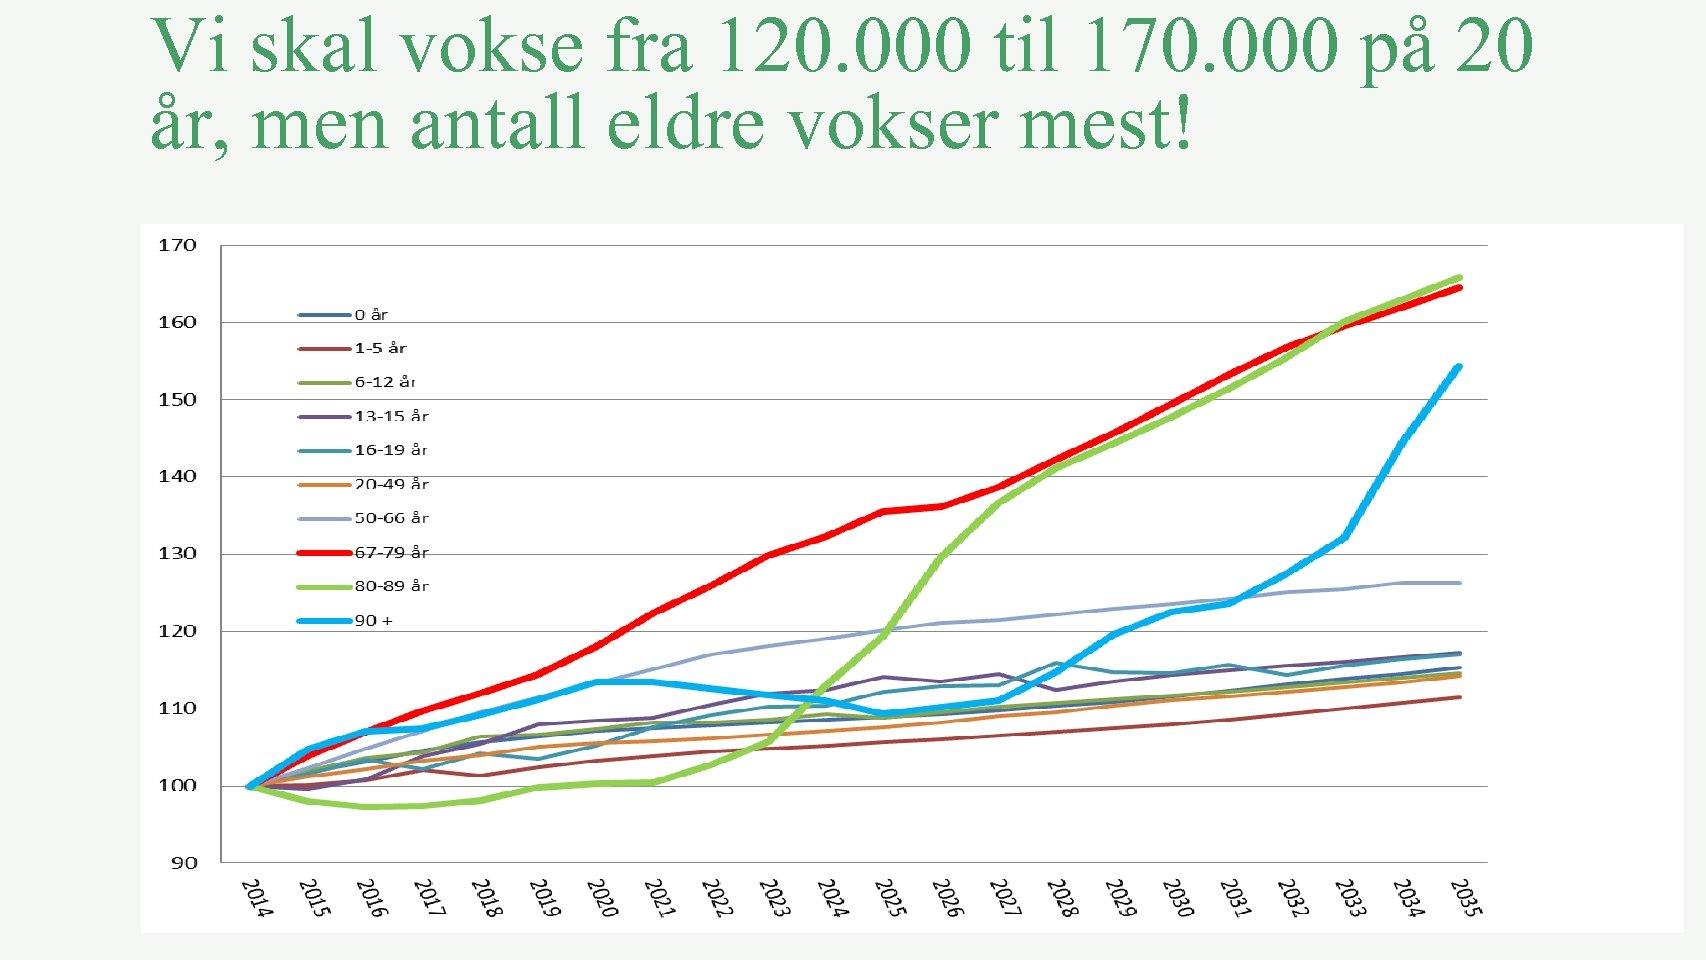 Vi skal vokse fra 120. 000 til 170. 000 på 20 år, men antall